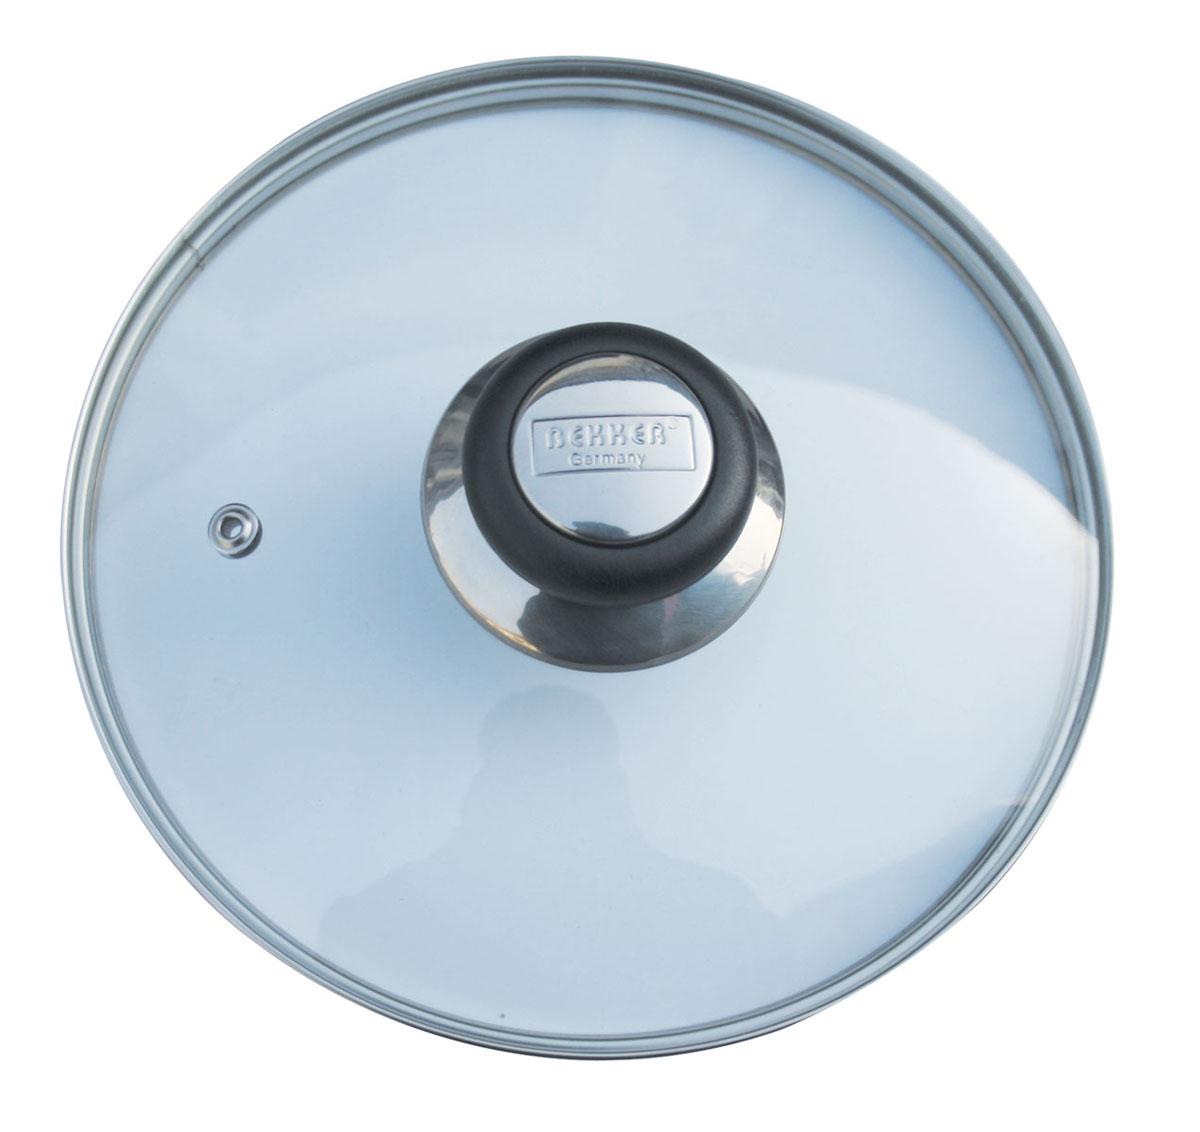 Крышка стеклянная Bekker. Диаметр 26 смBK-5412Крышка Bekker изготовлена из прозрачного термостойкого стекла. Обод, выполненный из высококачественной нержавеющей стали, защищает крышку от повреждений. Ручка из бакелита черного цвета защищает ваши руки от высоких температур. Крышка удобна в использовании, позволяет контролировать процесс приготовления пищи. Имеется отверстие для выпуска пара.